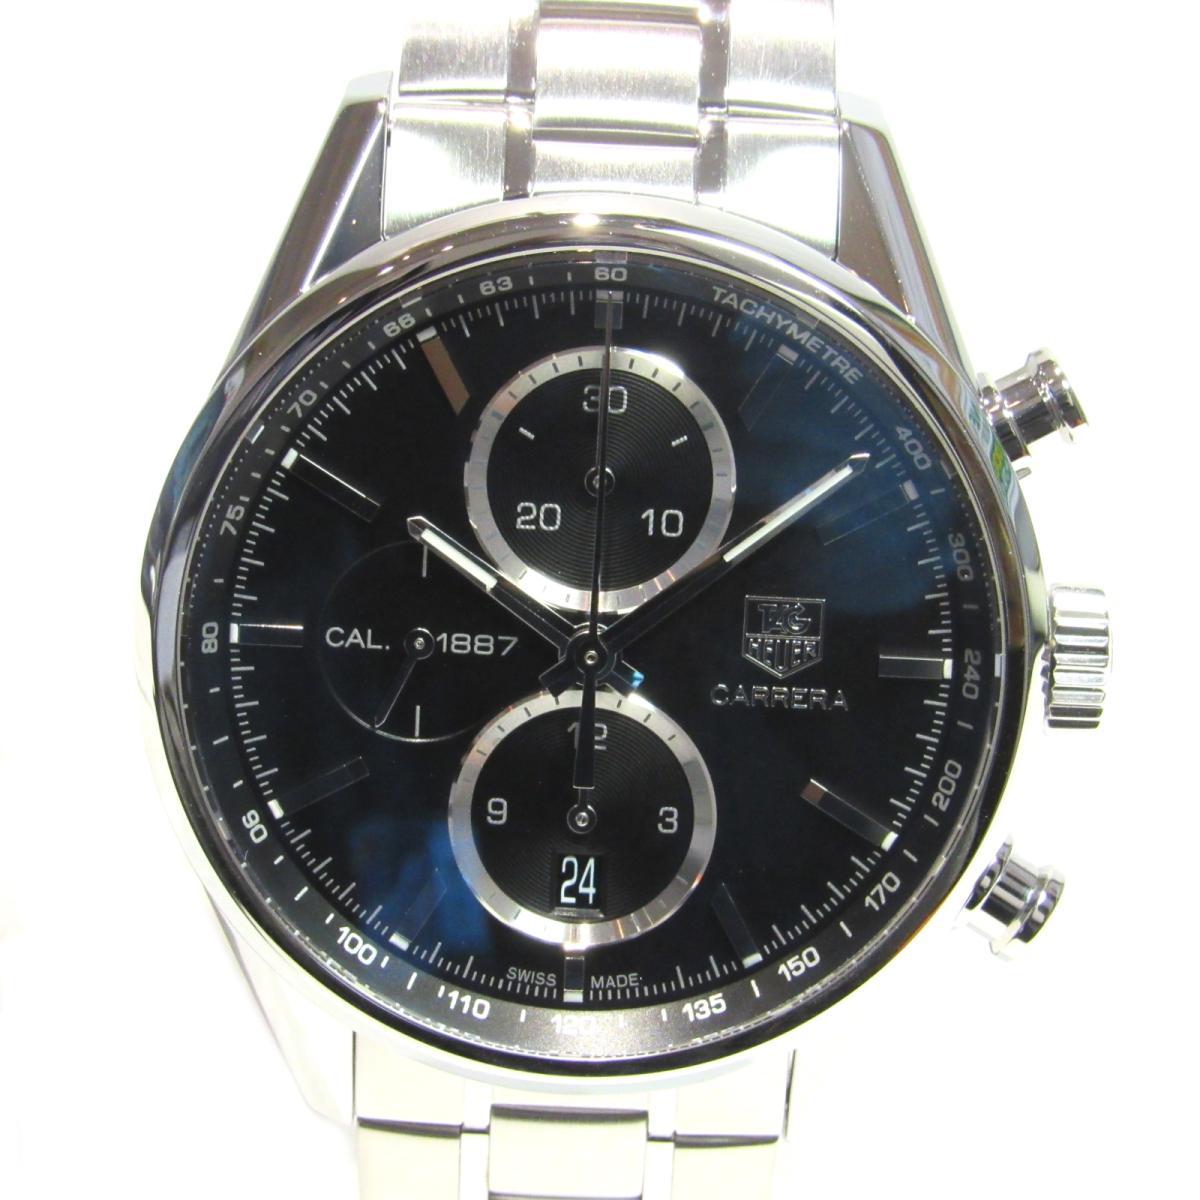 【中古】 タグ・ホイヤー カレラクロノキャリバー1887 腕時計 ウォッチ メンズ ステンレススチール (SS) シルバー × ブラック (CAR2110.BA0724)   TAG HEUER オートマチック 自動巻き 時計 カレラクロノキャリバー1887 美品 ブランドオフ